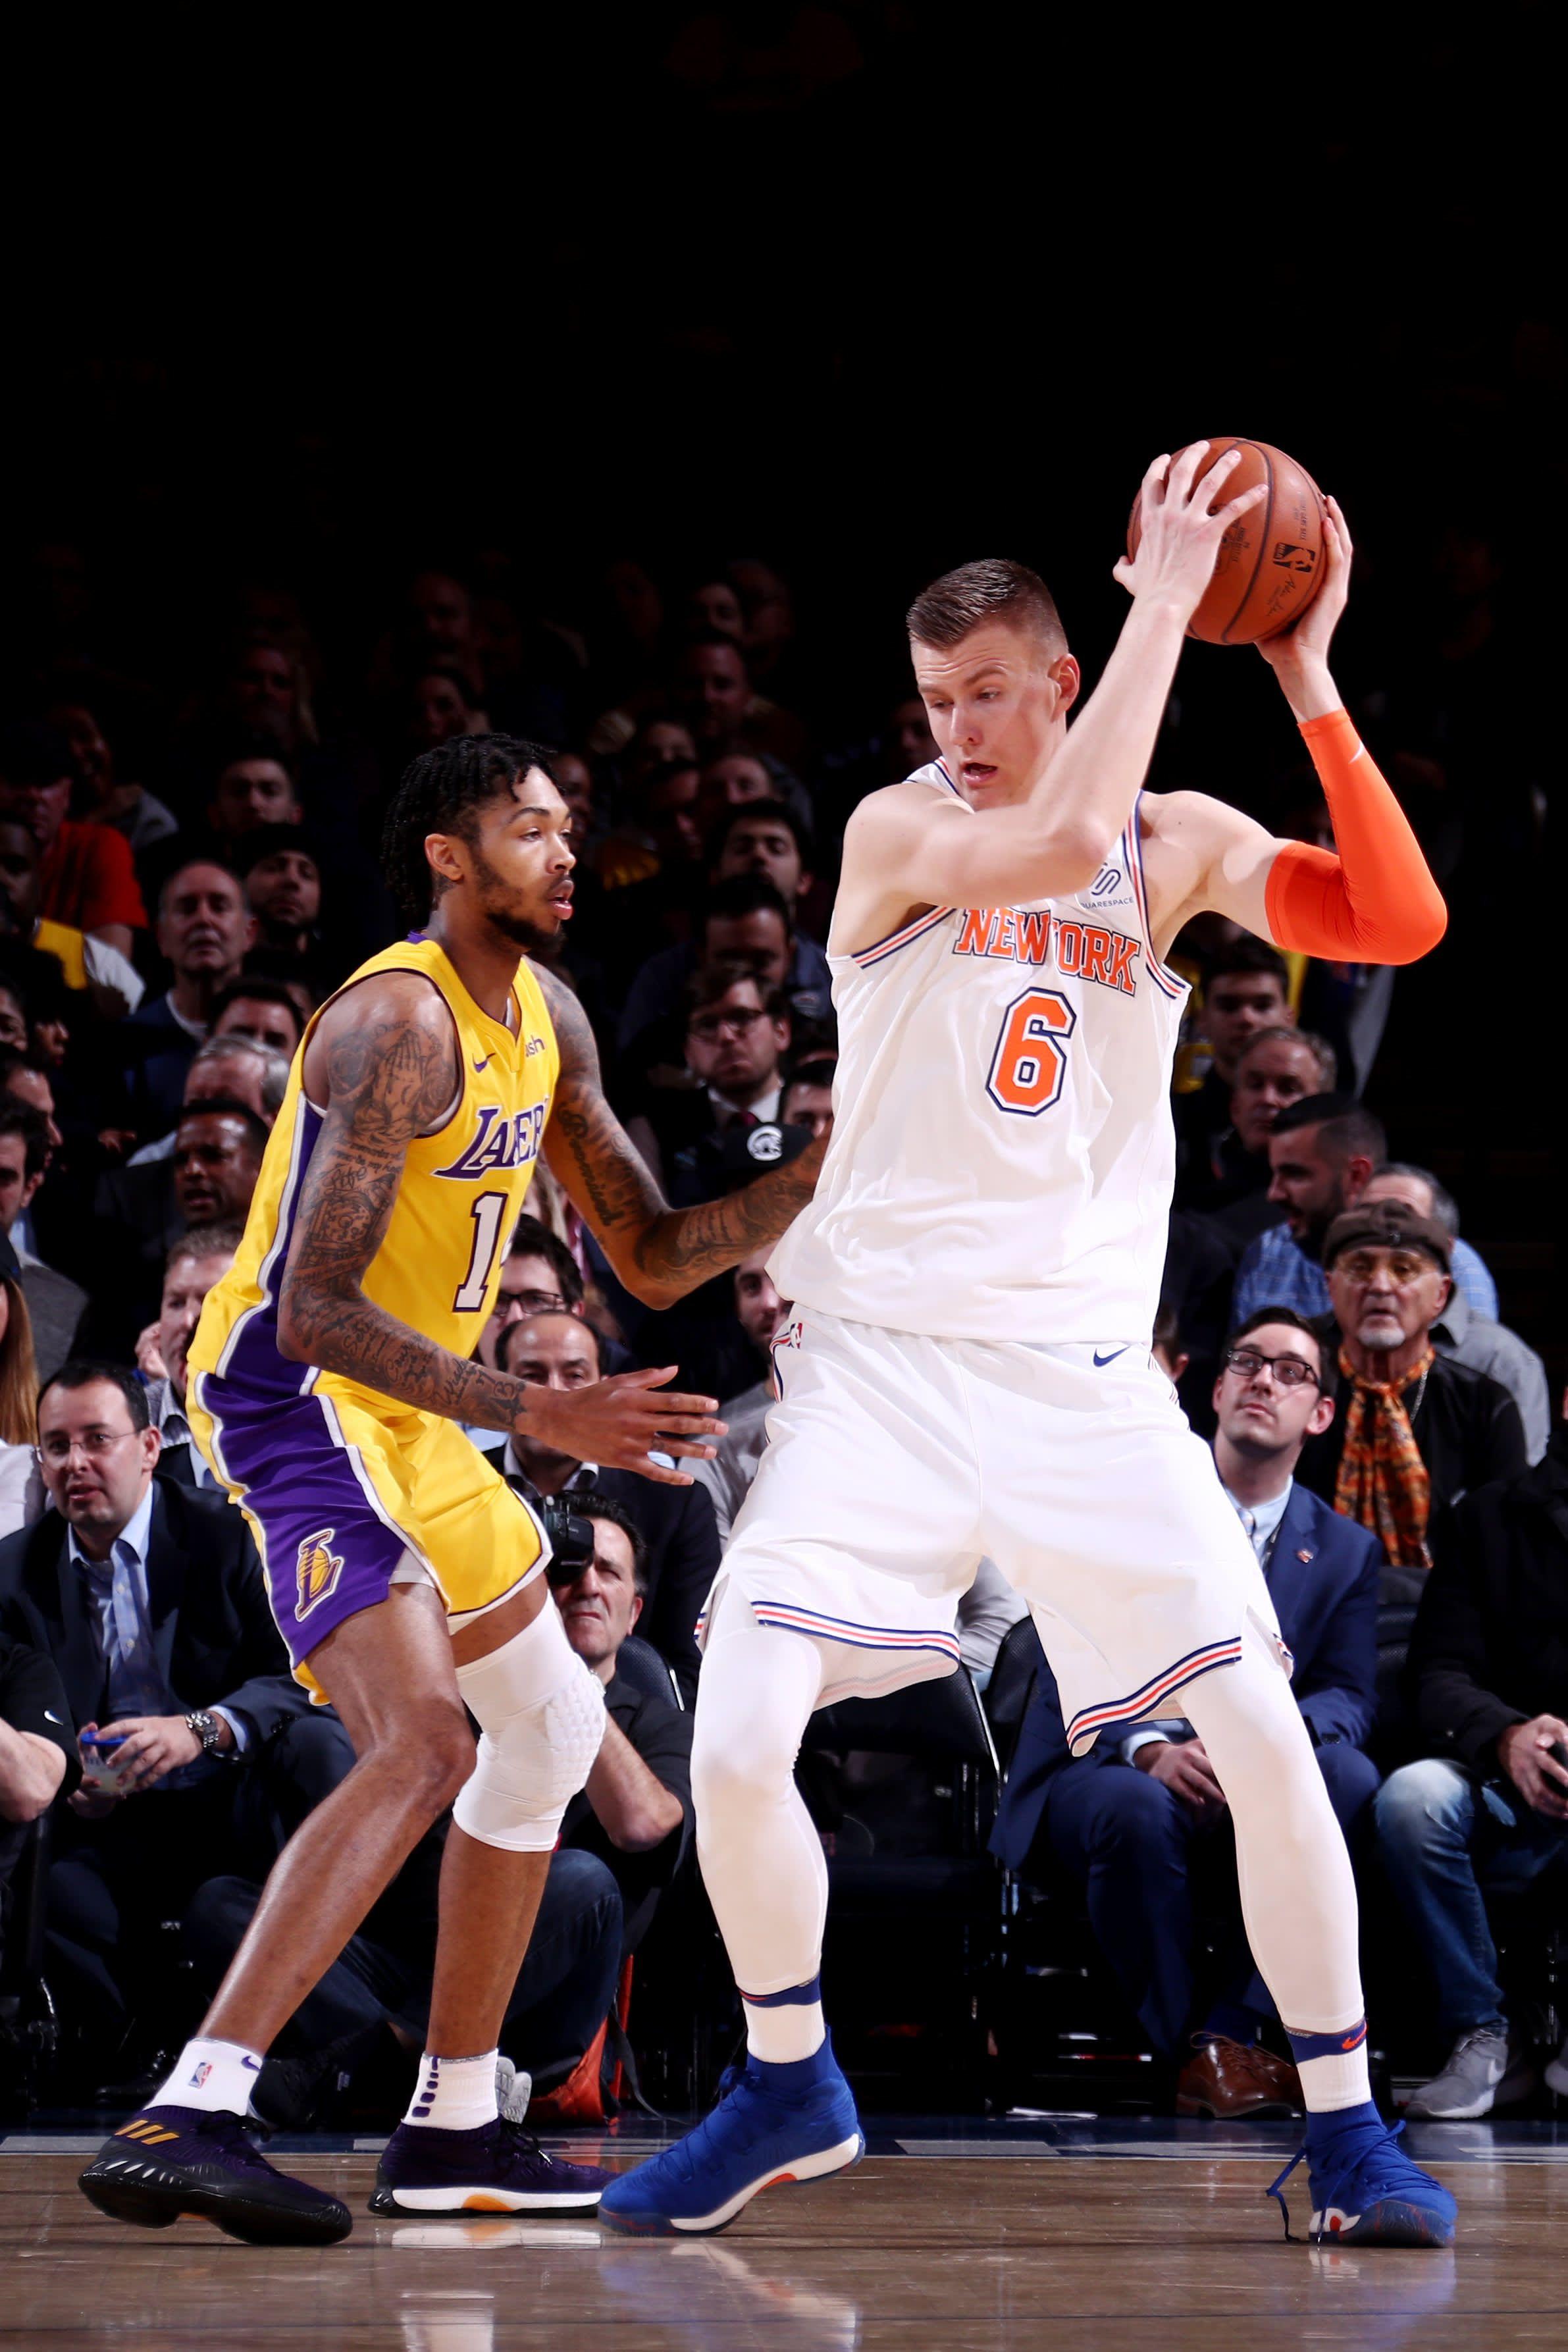 Nba Basketball New York Knicks: Nba Basketball, Nba Knicks, NBA